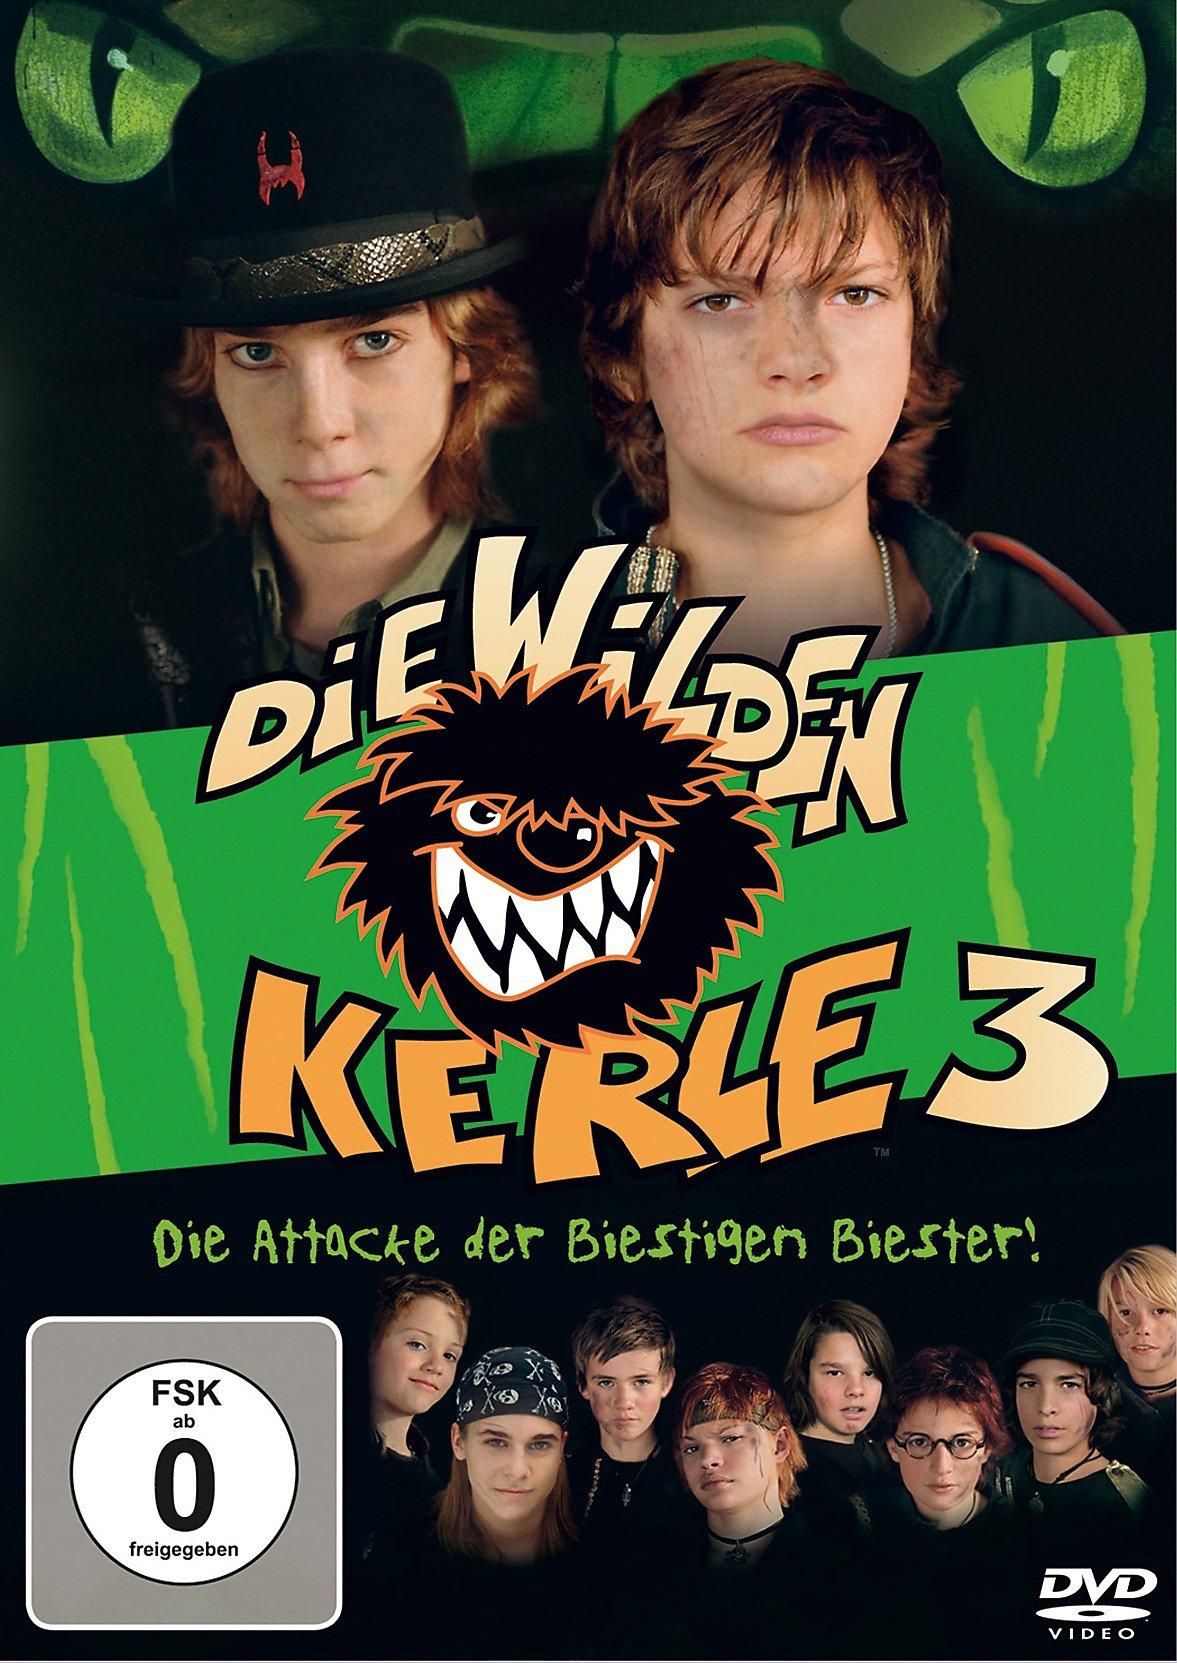 Wilde Kerle 5 Ganzer Film